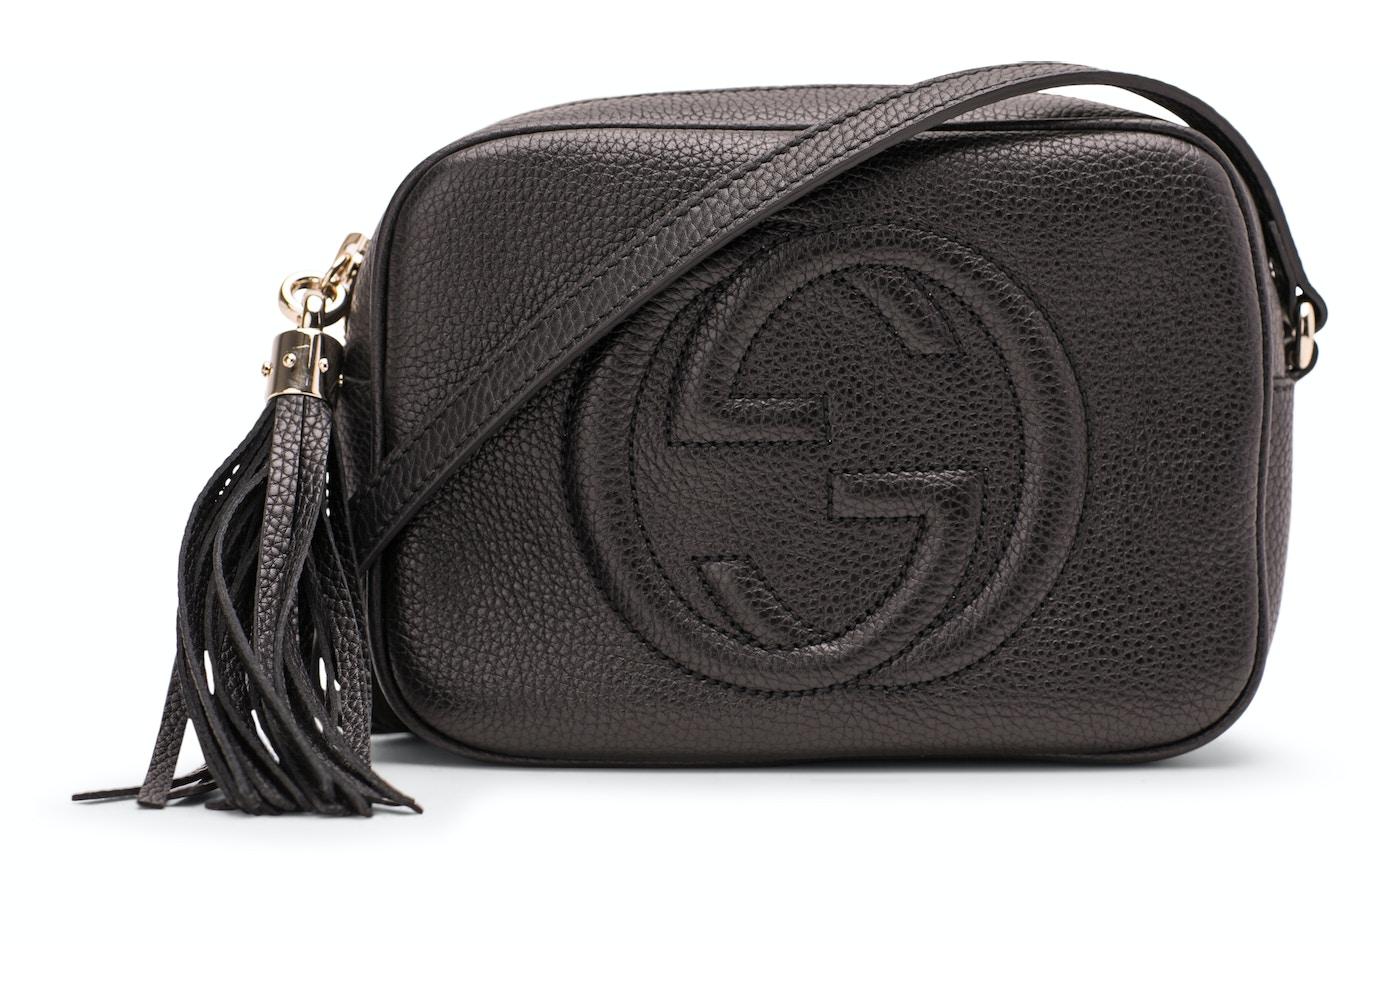 516781852634 Gucci Soho Disco Crossbody Leather Strap Small Black | StockX